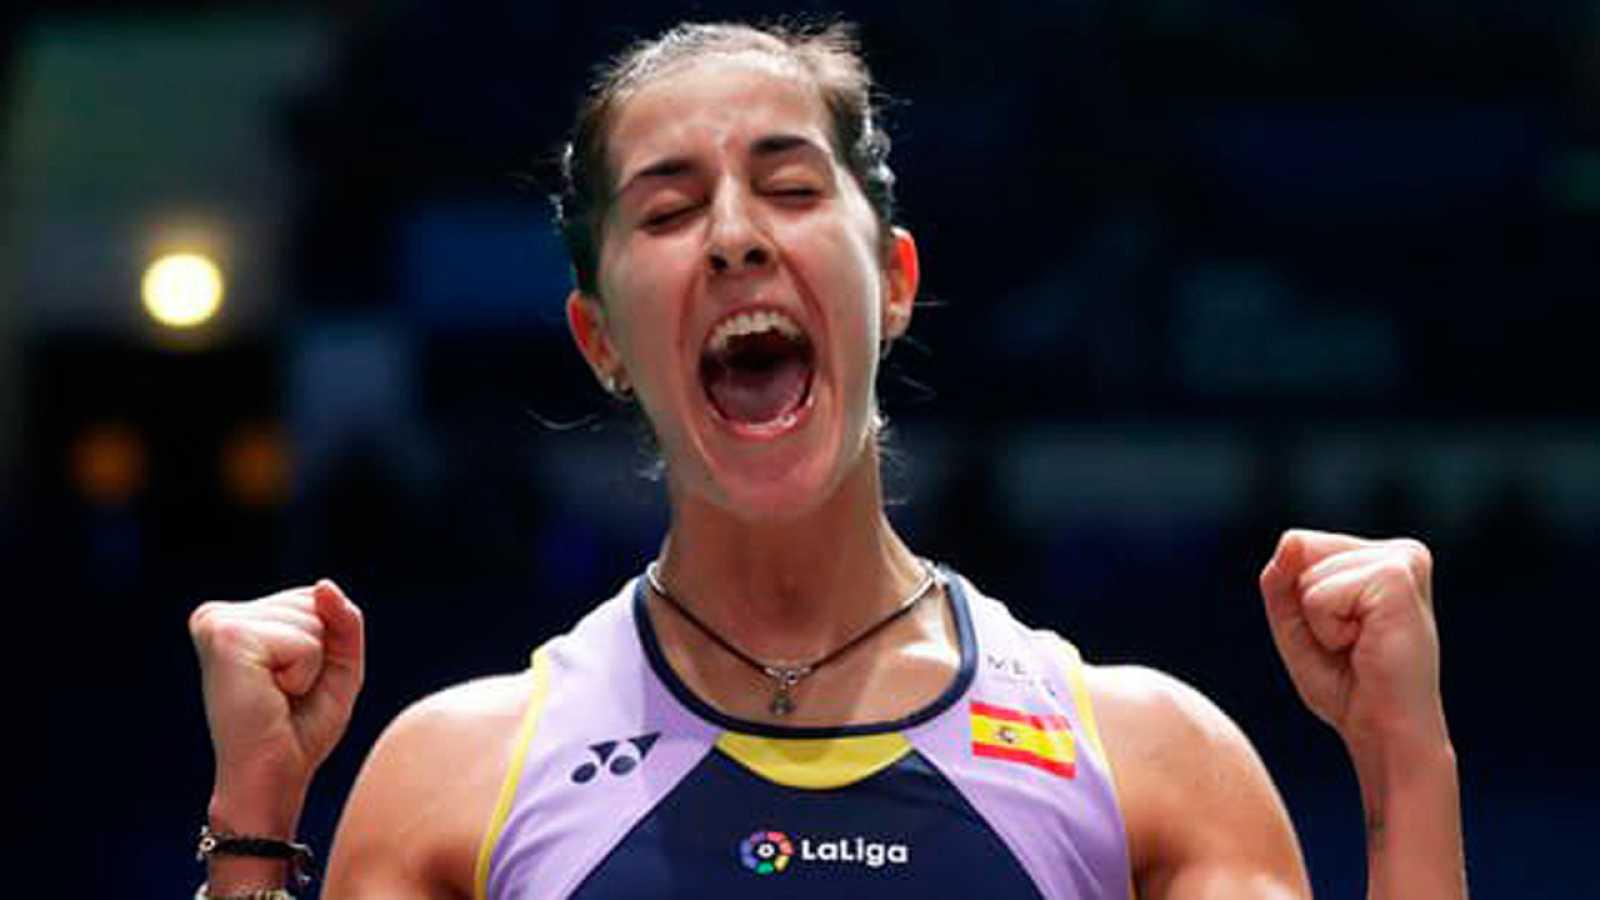 La española Carolina Marín, campeona olímpica y mundial, derrotó este domingo a la tailandesa Phittayaporn Chaiwan por 21-12 y 21-16, adjudicándose la victoria en el Syed Modi International Badminton Championship en la India.